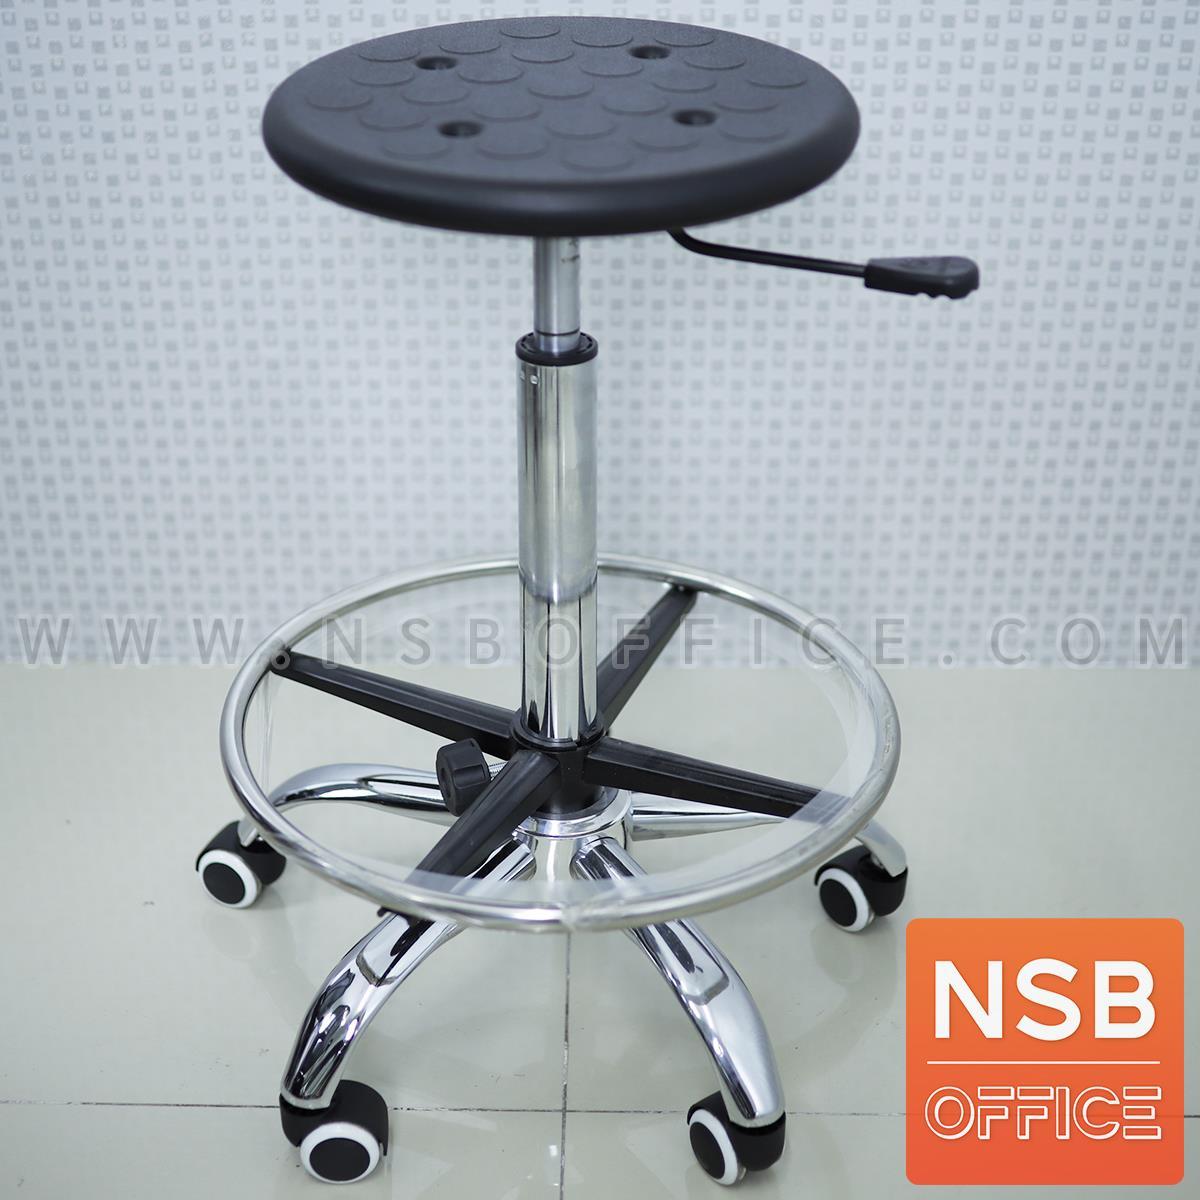 B09A083:เก้าอี้บาร์สตูลที่นั่งกลมล้อเลื่อน รุ่น Cooksey (คุกซี)  โช๊คแก๊ส ขาเหล็กชุบโครเมี่ยม